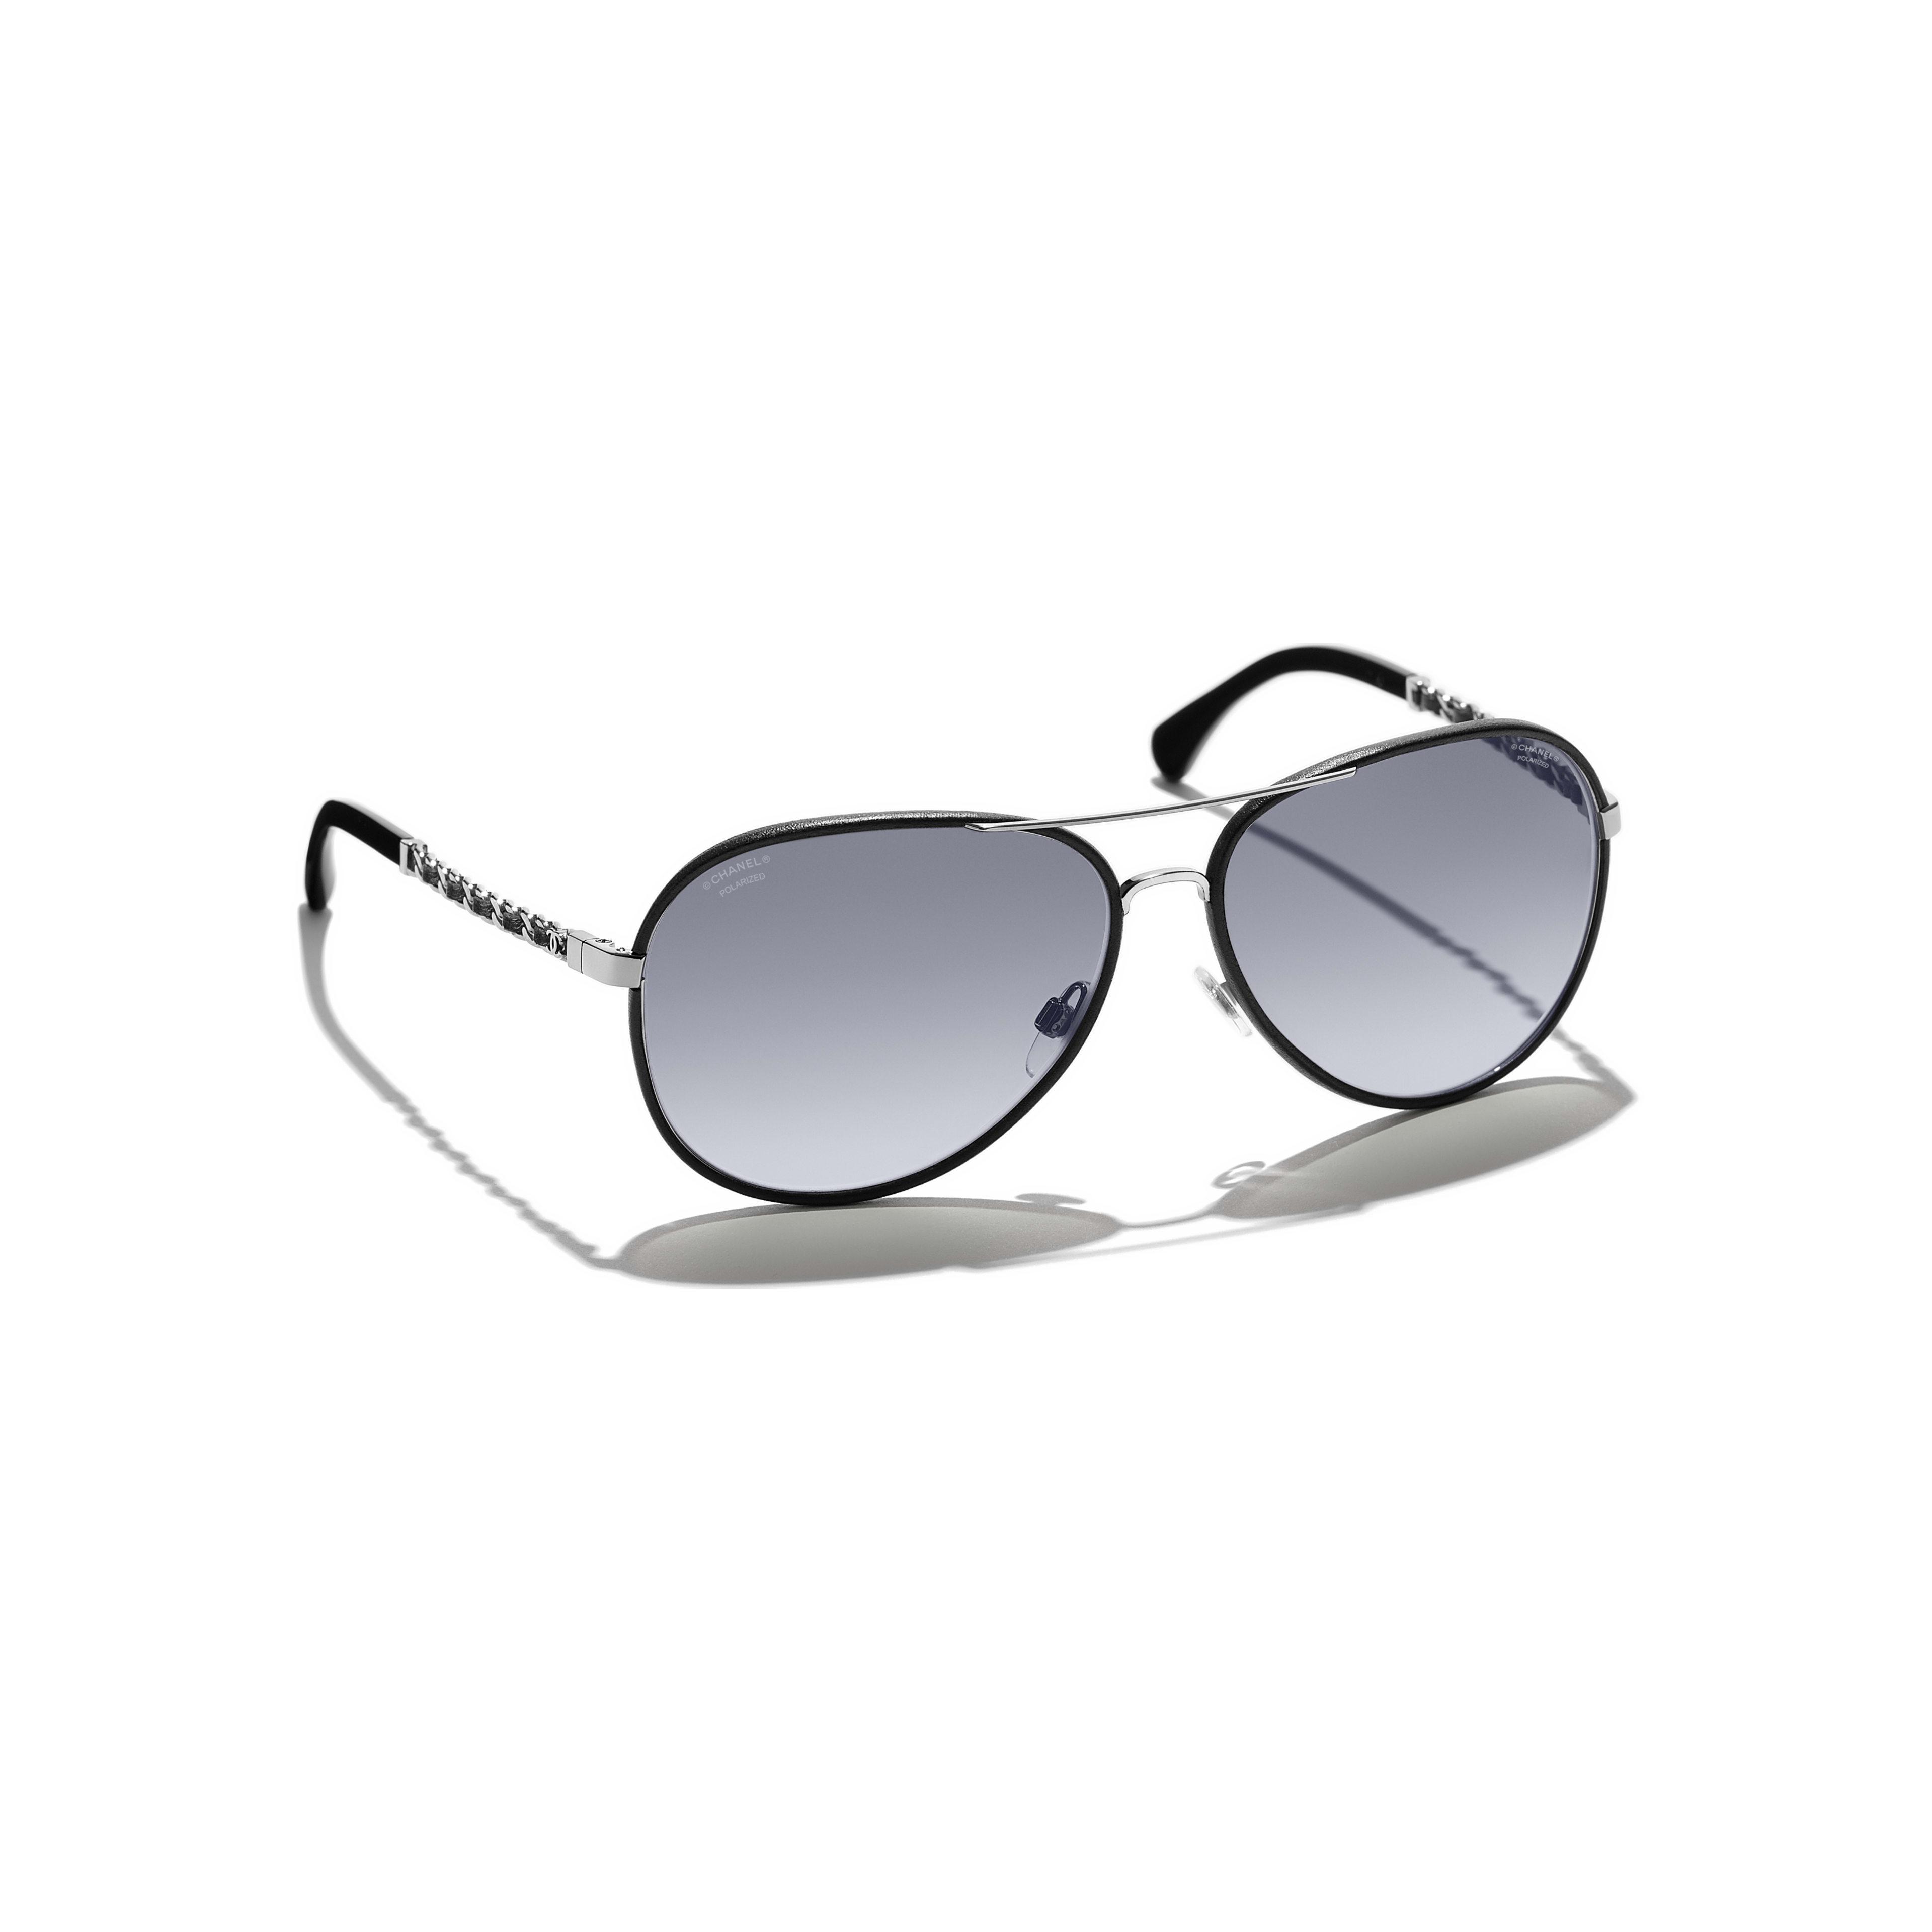 Gafas de sol estilo piloto - Negro - Metal y piel de ternera - CHANEL - Vista adicional - ver la versión tamaño estándar